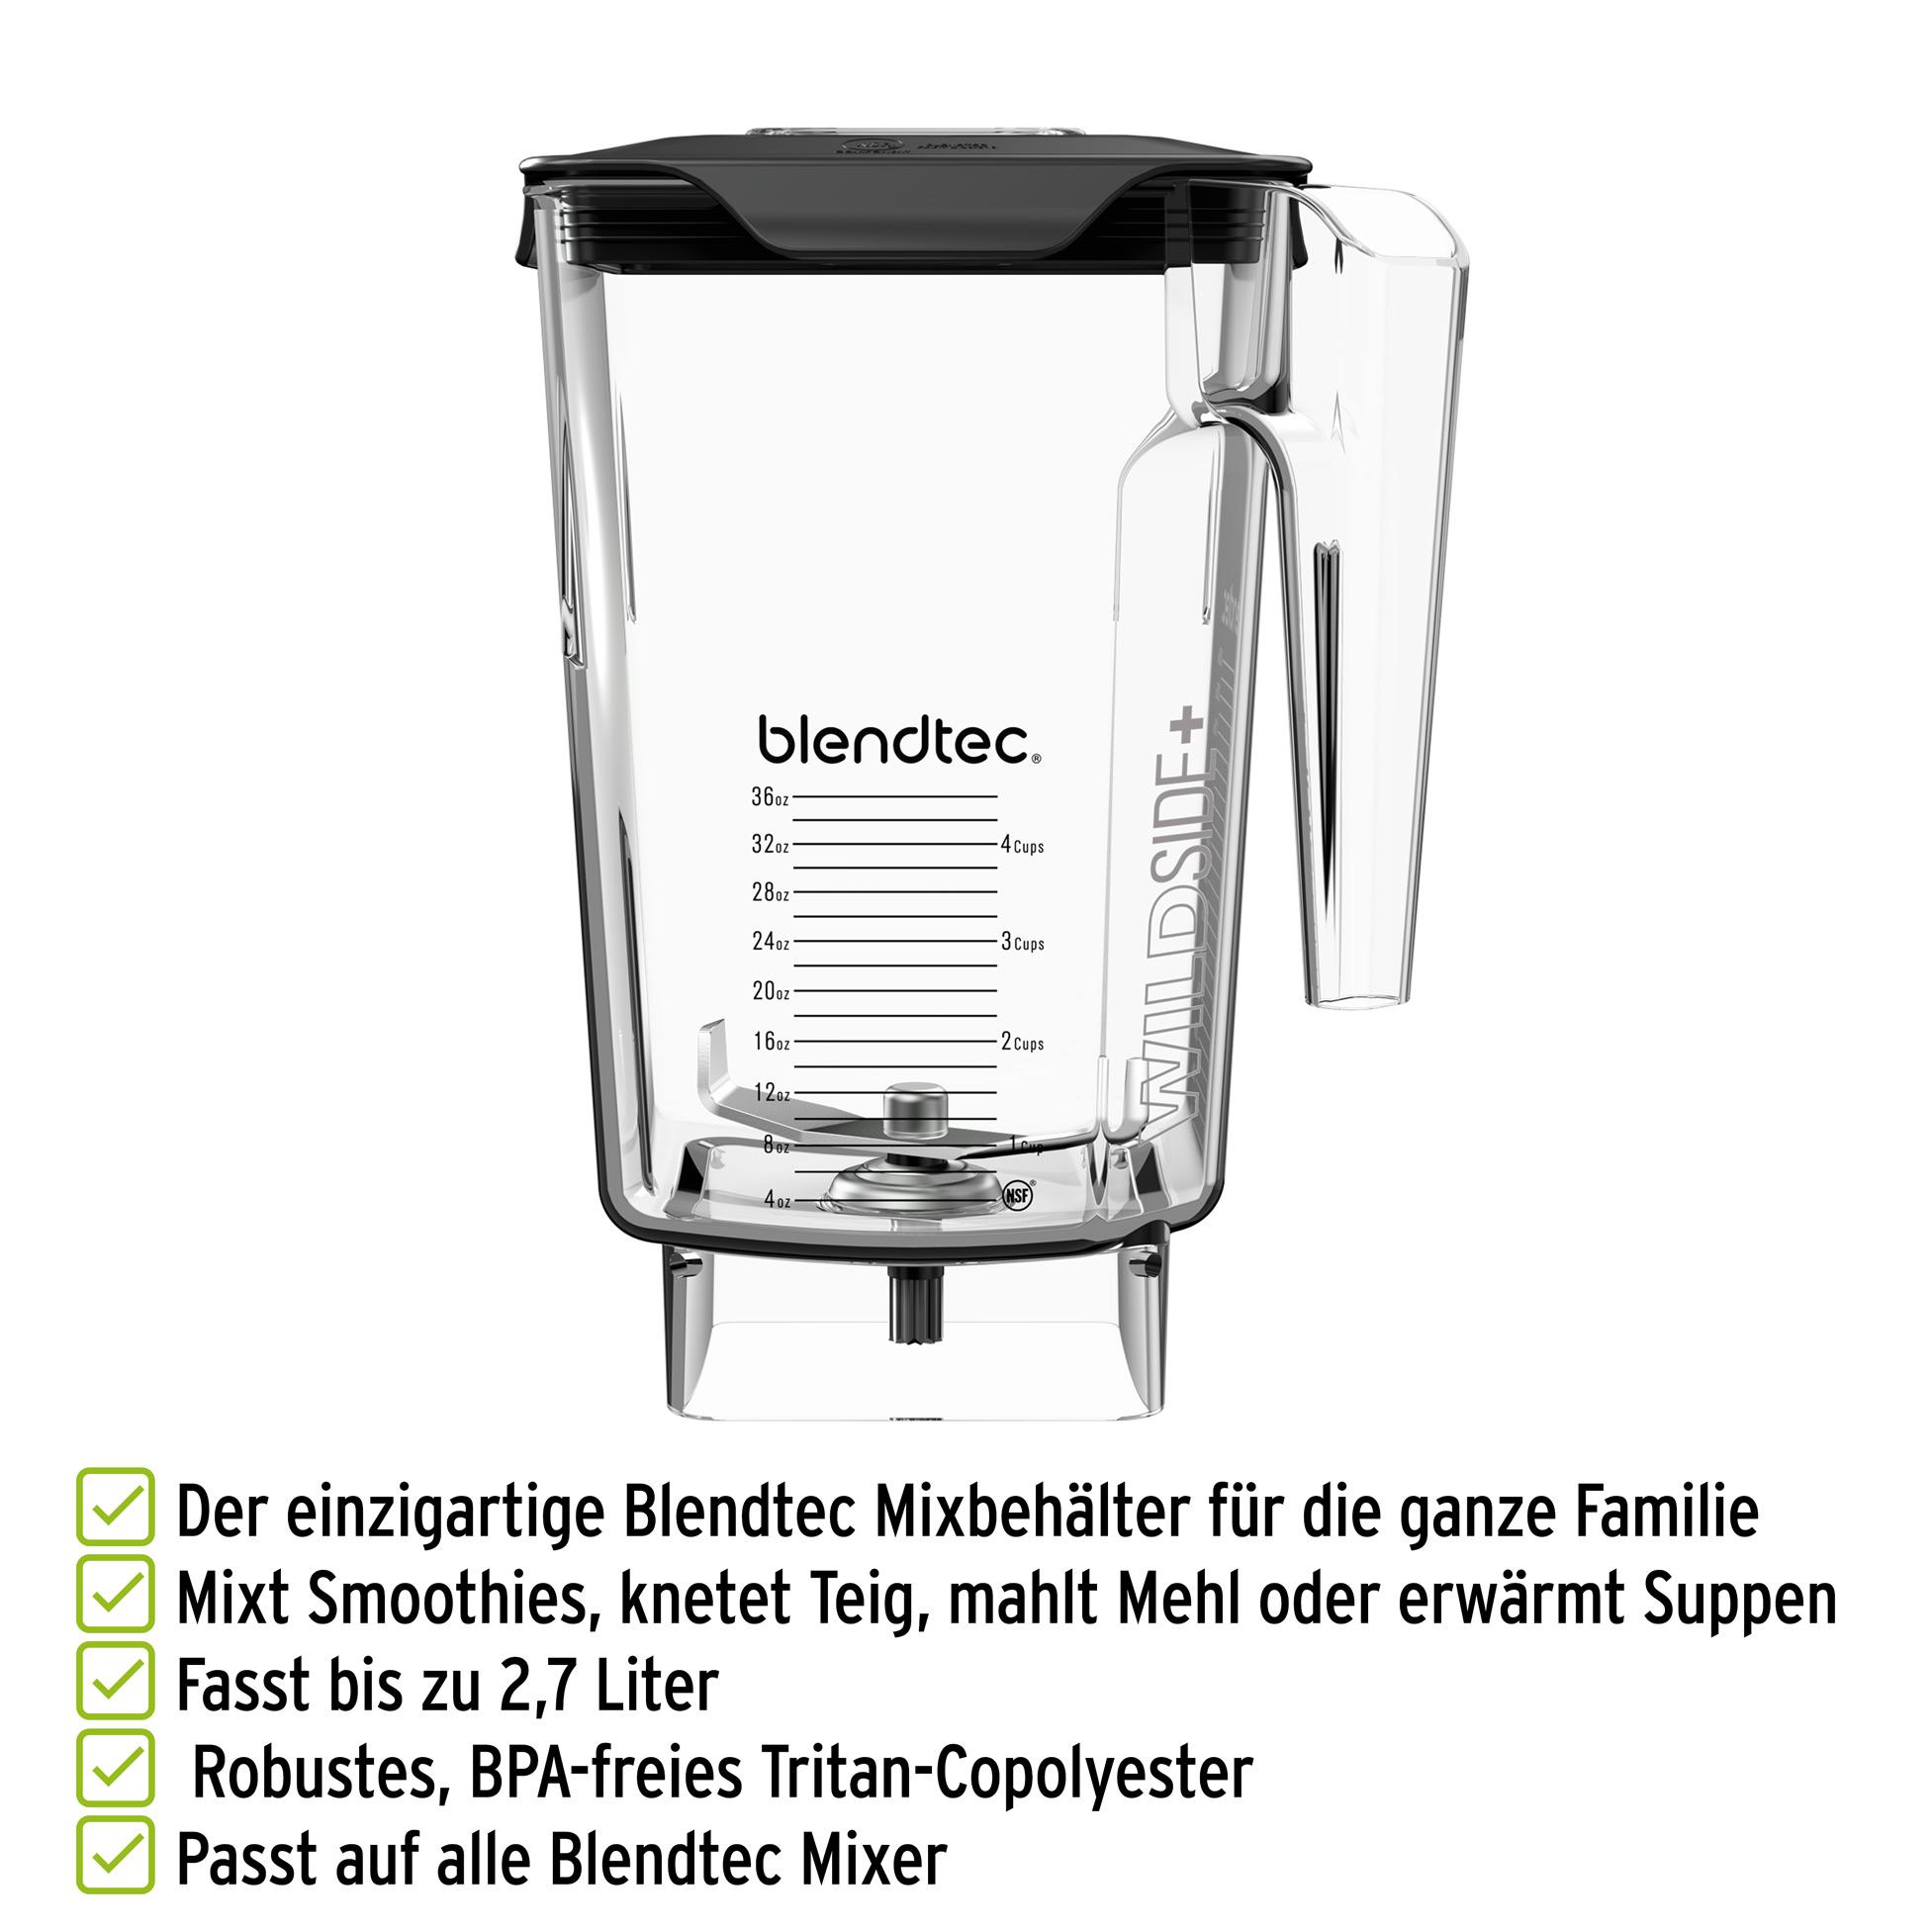 Blendtec WildSide Mixbehälter mit bis zu 2,7 Liter Fassungsvermögen